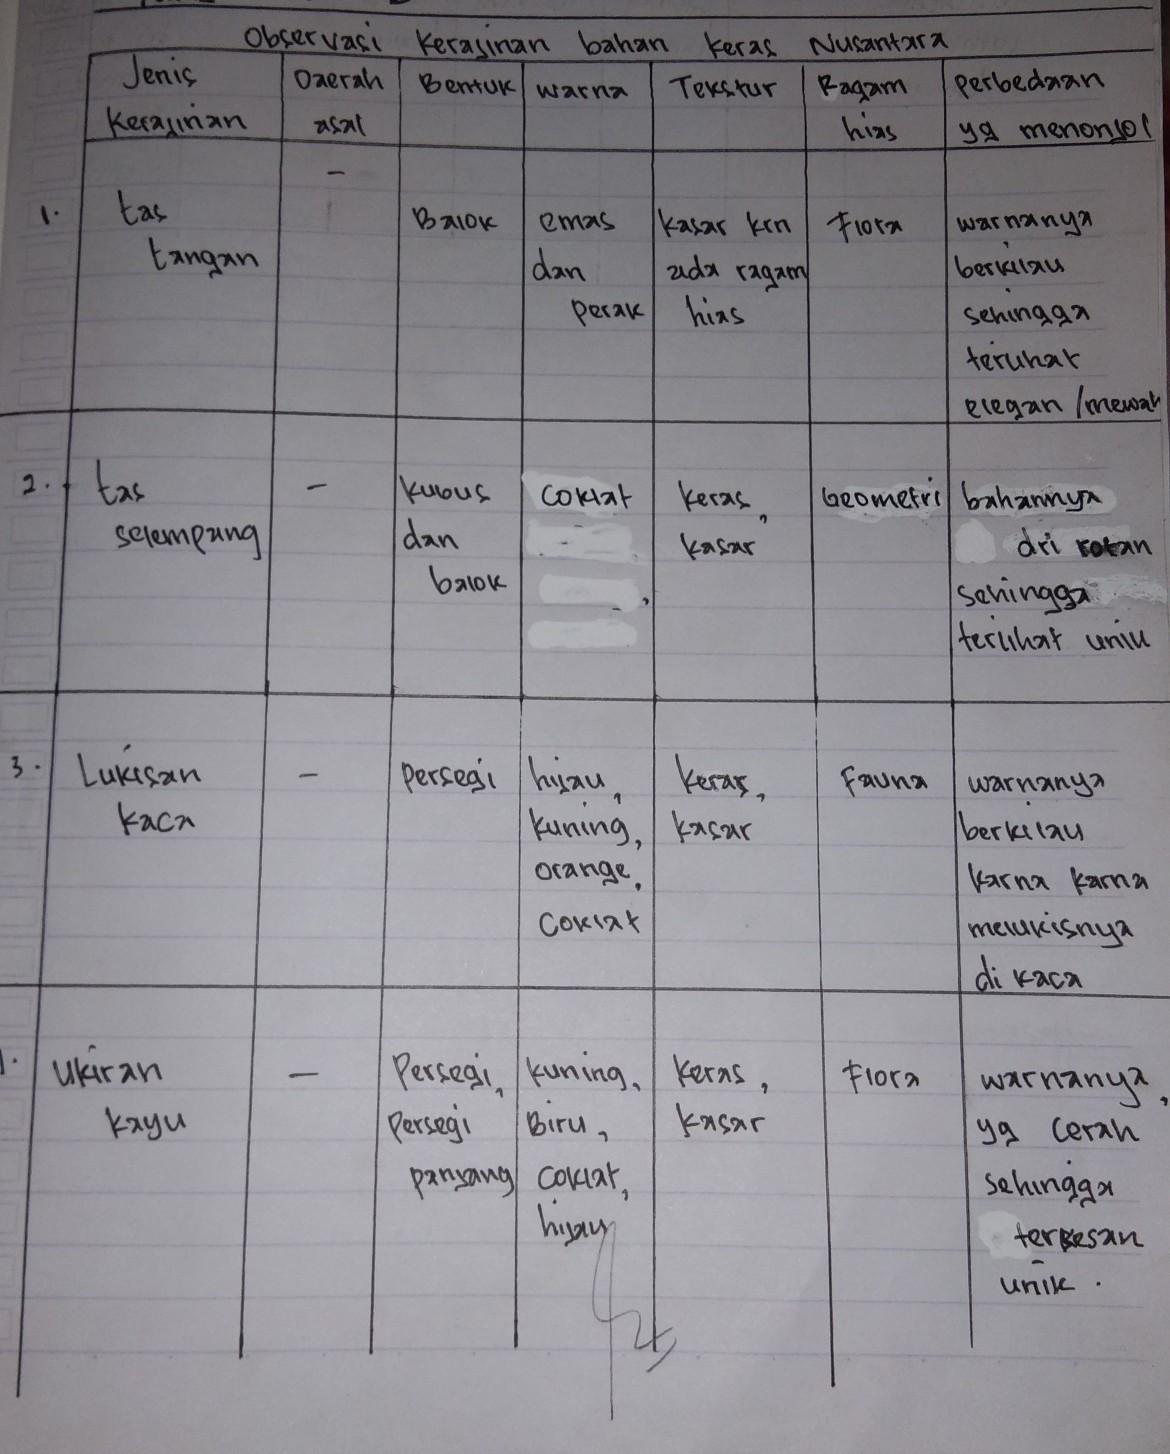 Kerajinan Bahan Keras Nusantara : kerajinan, bahan, keras, nusantara, LEMBAR, KERJA, (LK-1)Nama, Anggota, KelompokKelasRAObservasi, Kerajinan, Bahan, Keras, Brainly.co.id